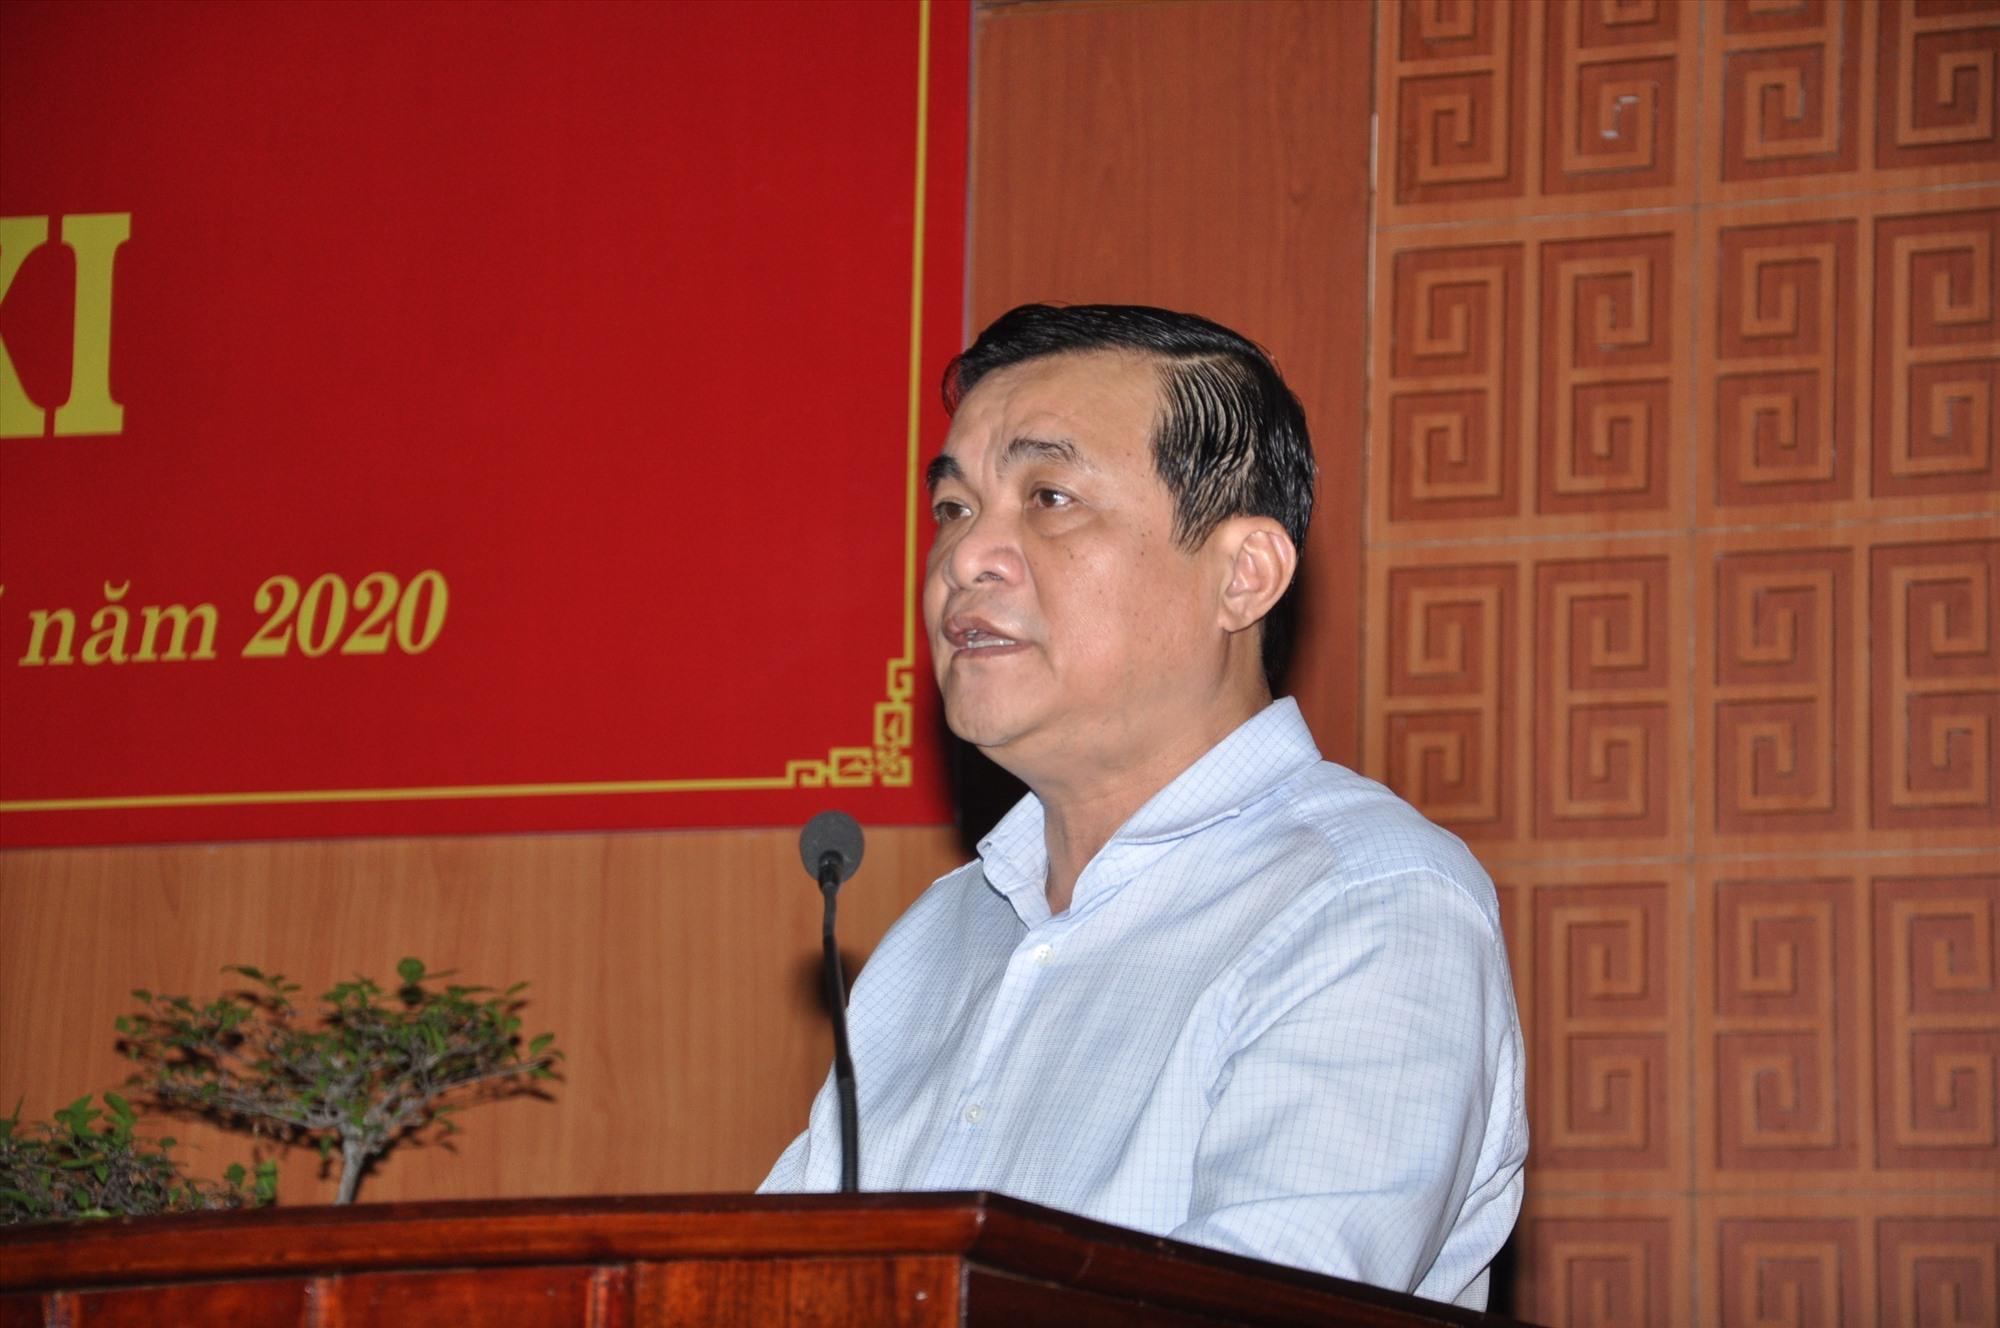 """Bí thư Tỉnh ủy Phan Việt Cường đề nghị cấp ủy đảng, chính quyền các cấp thực hiện tốt """"mục tiêu kép"""" trong 6 tháng cuối năm 2020 để hoàn thành chỉ tiêu, nhiệm vụ. Ảnh: X.P"""